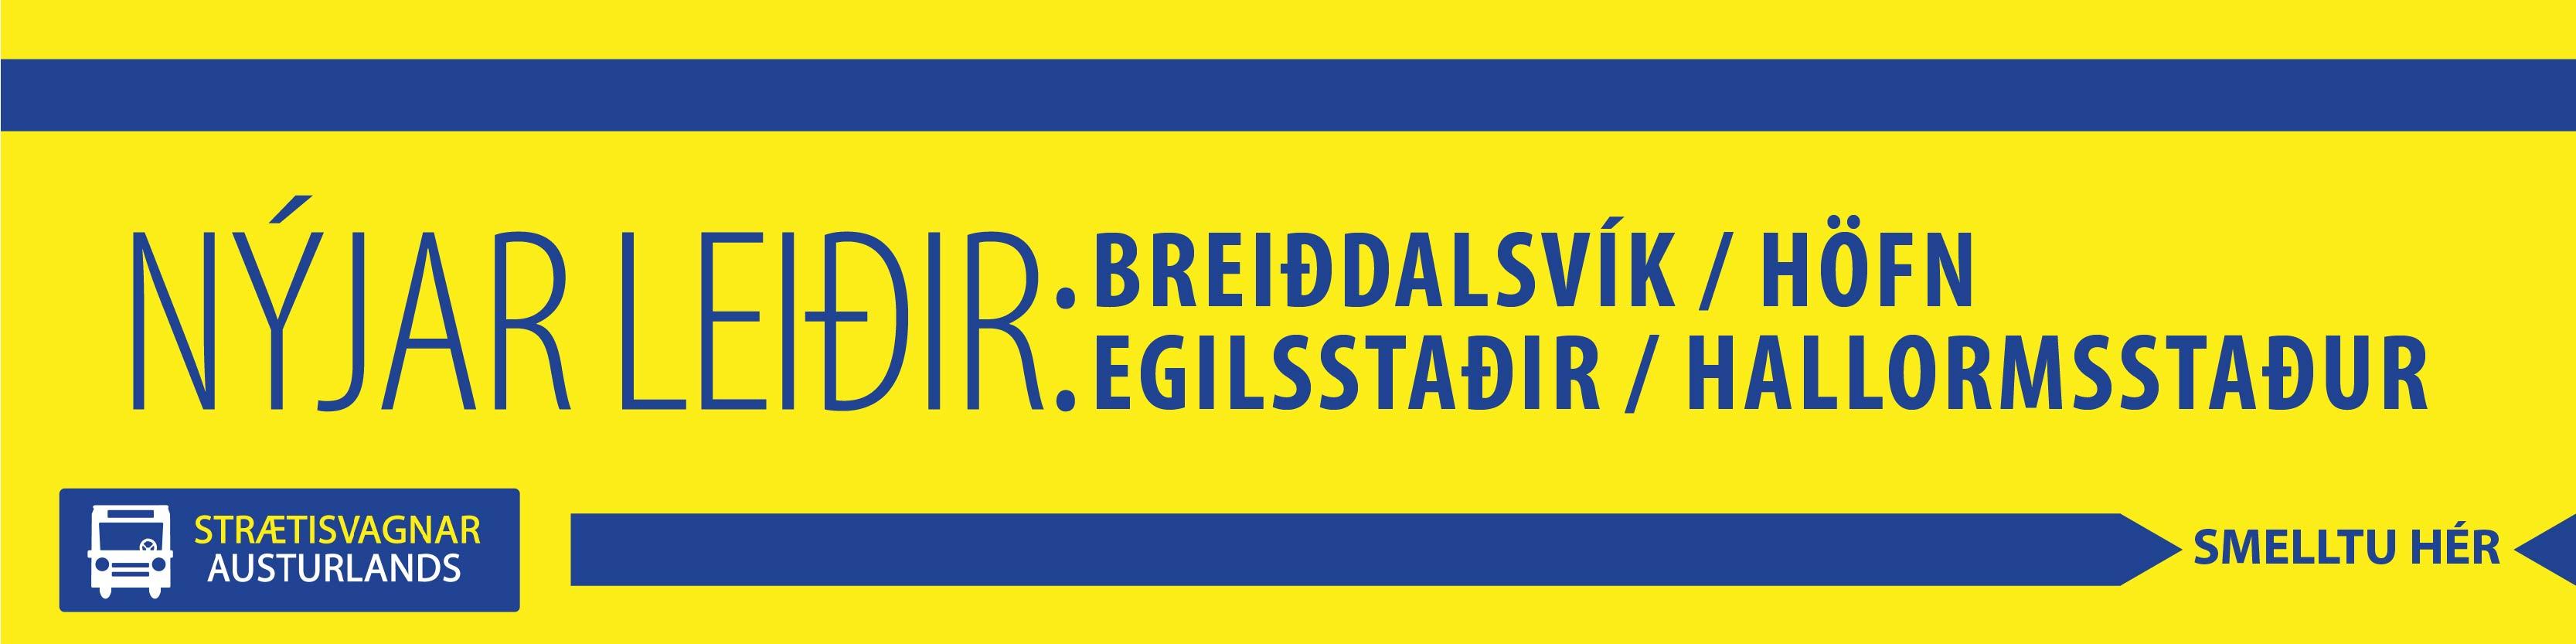 Strætisvagnar Austurlands Nýjar leiðir 2016